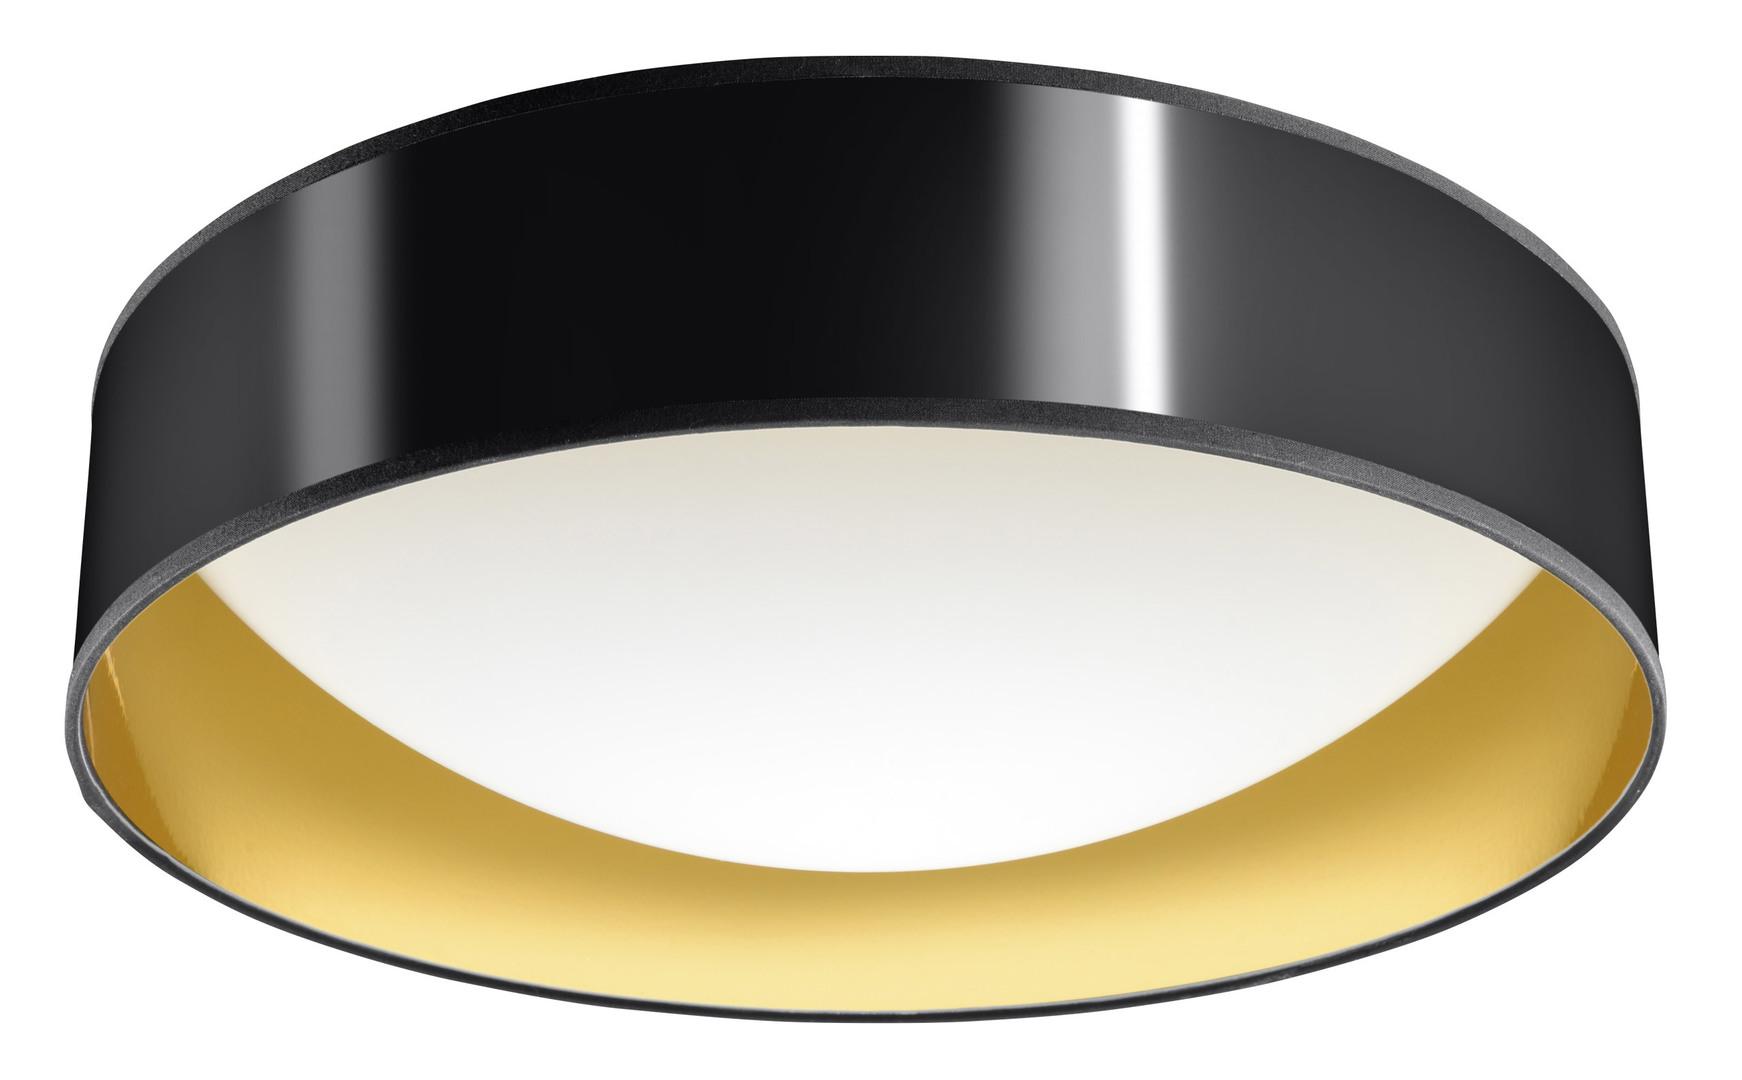 Stropní lampa MARTINO 40 černá